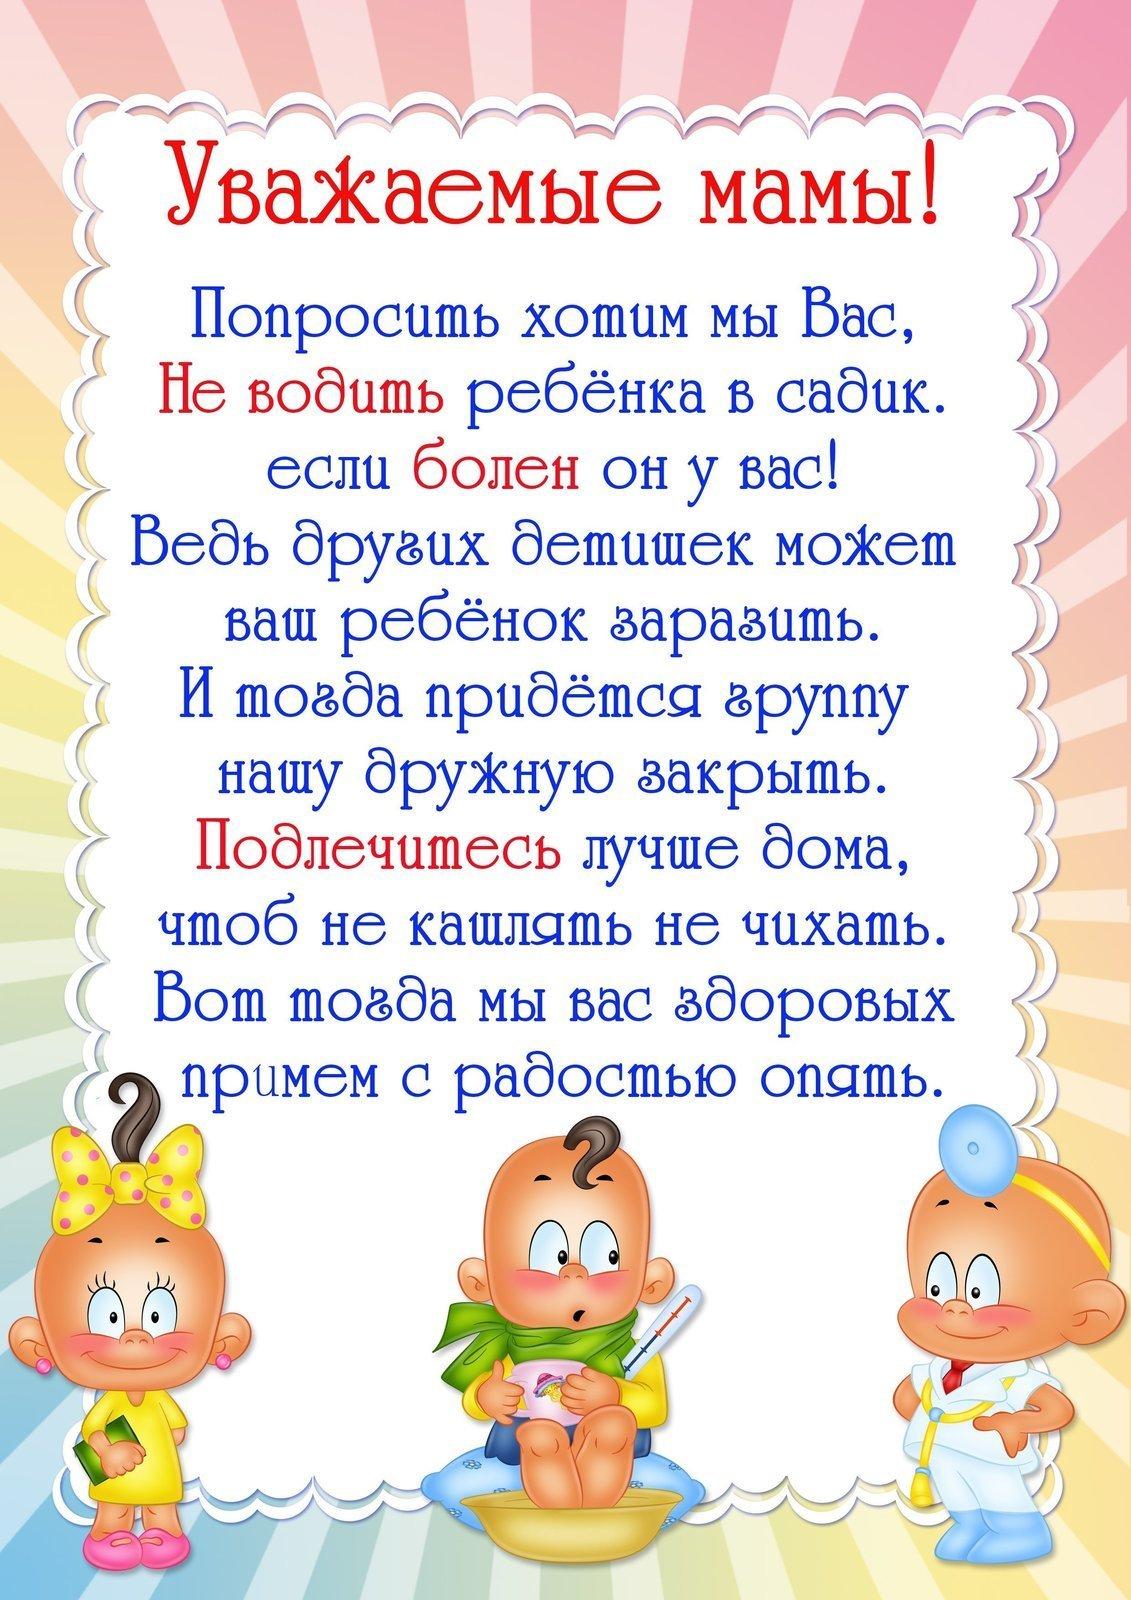 Картинка для детского сада уважаемые родители